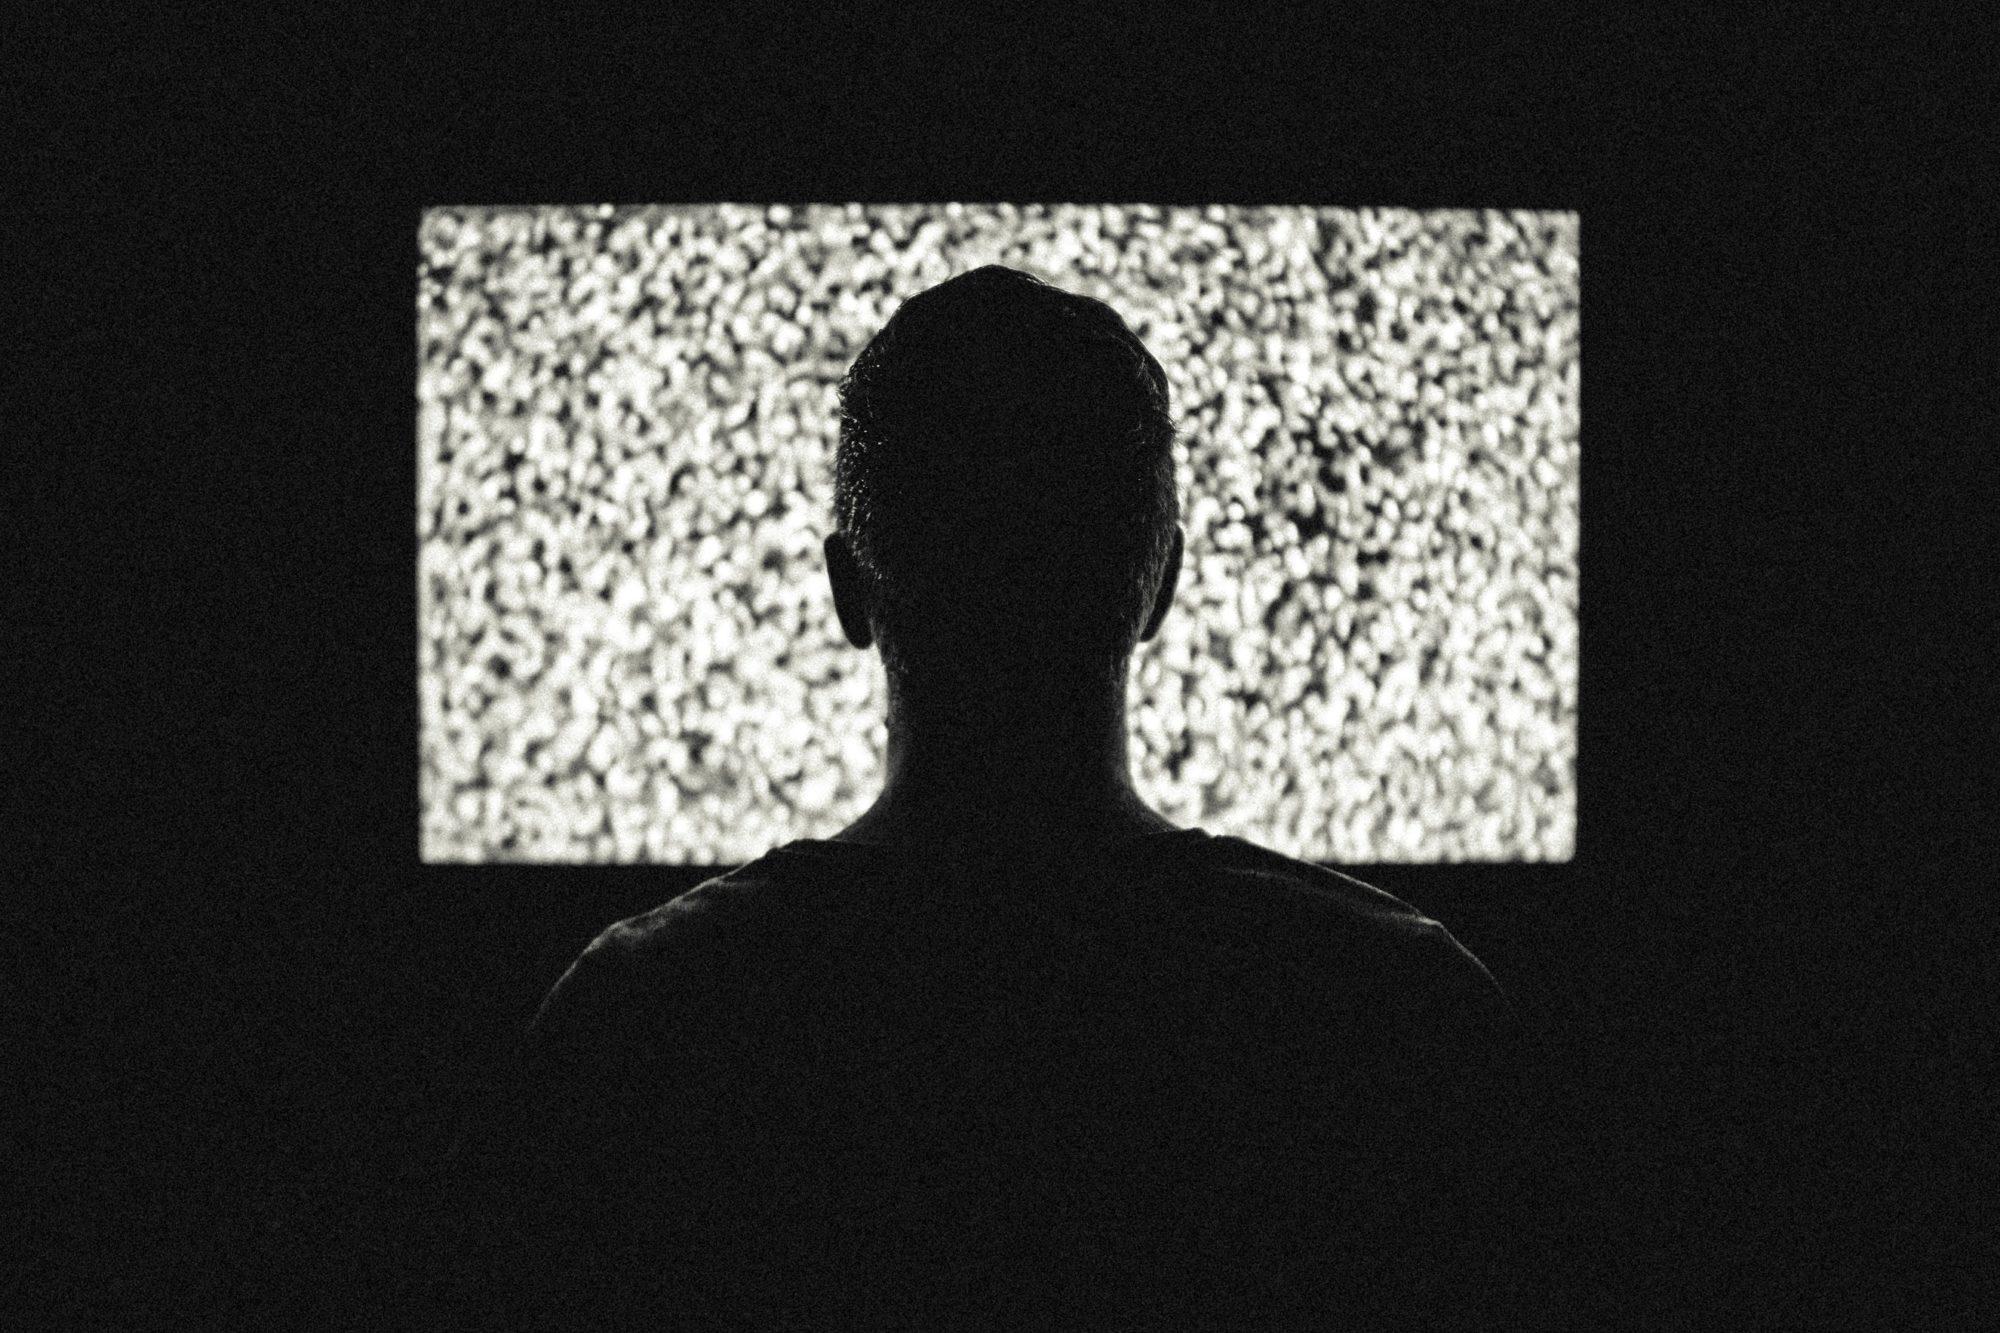 FILMRAUSCHEN - 2 Bärte sehen fern